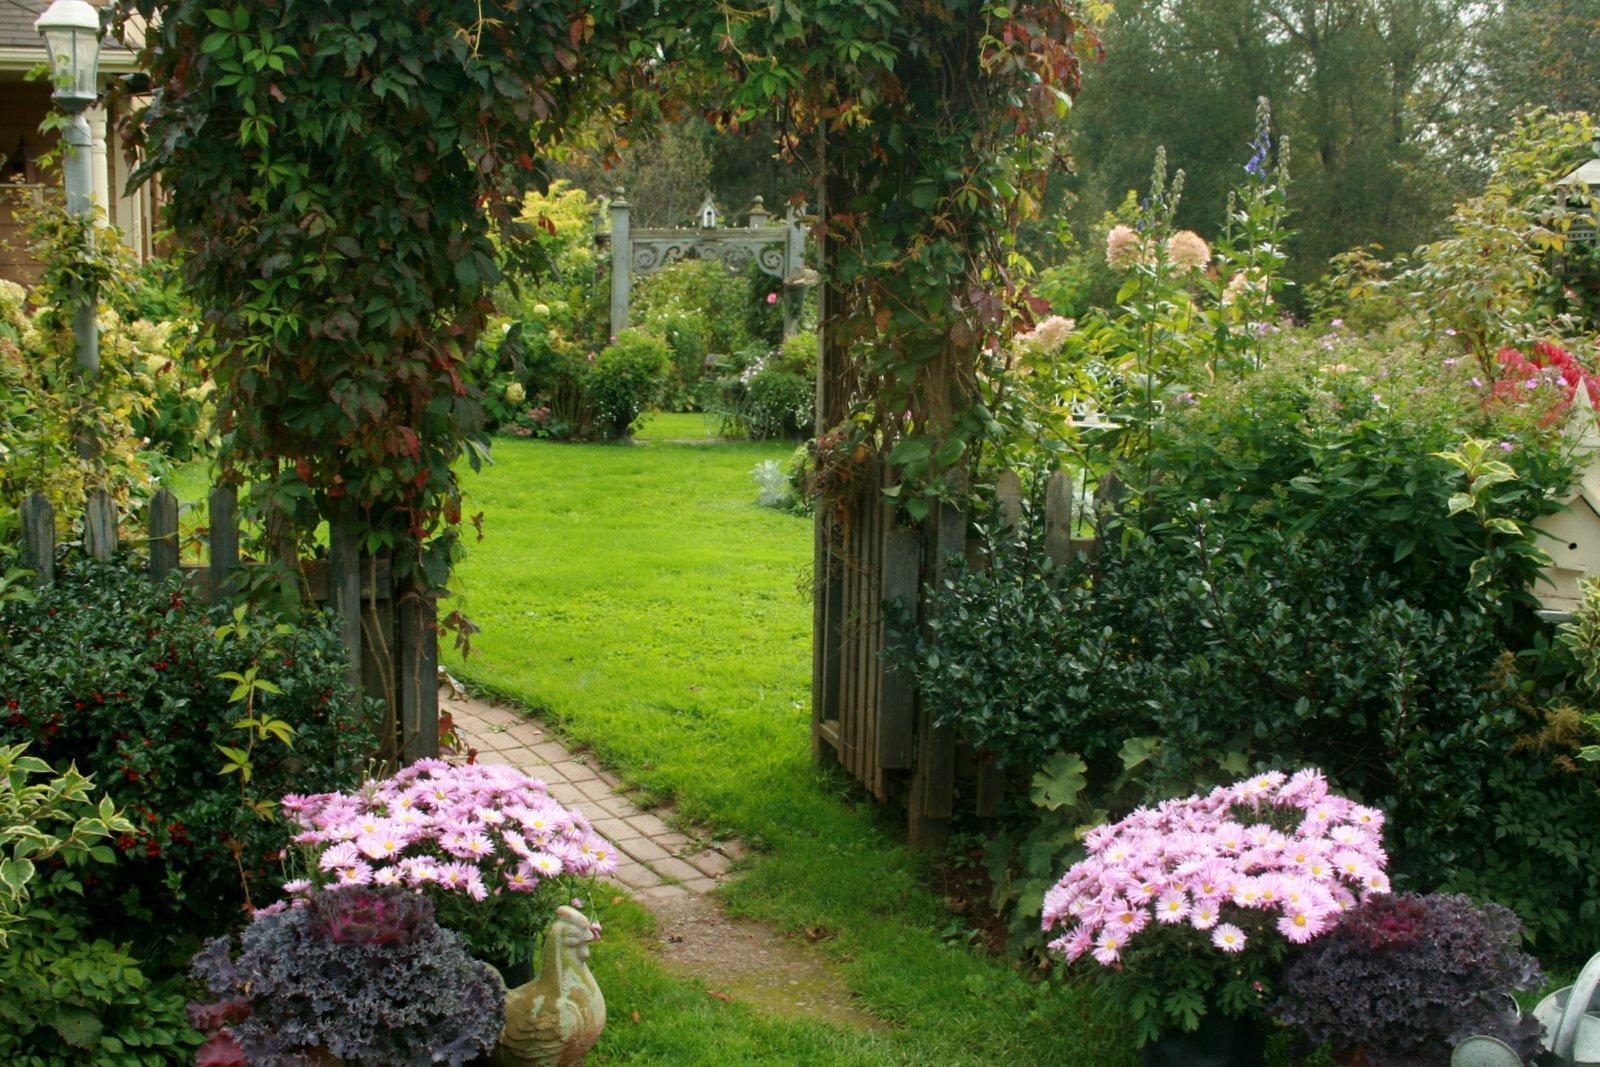 Záhrada,ktorá ťa nikdy neomrzí...divoká a krásna - Obrázok č. 118